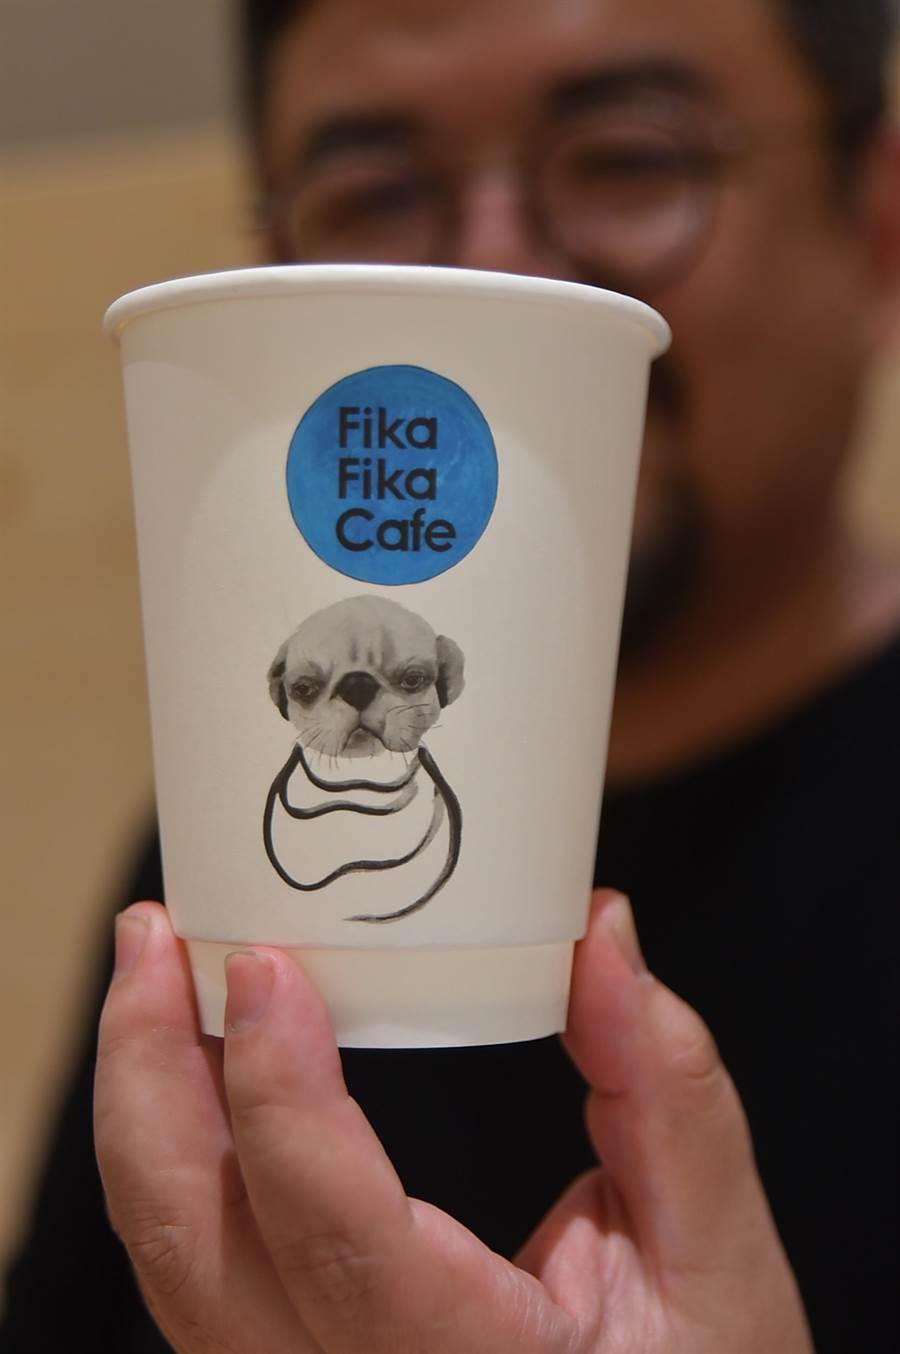 〈Fika Fika〉遠百信義A13門市所用紙杯上的巴哥狗圖案是蔣友柏繪製,藉此寓意咖啡也可以像狗一樣,天天給人溫暖陪伴。(圖/姚舜)